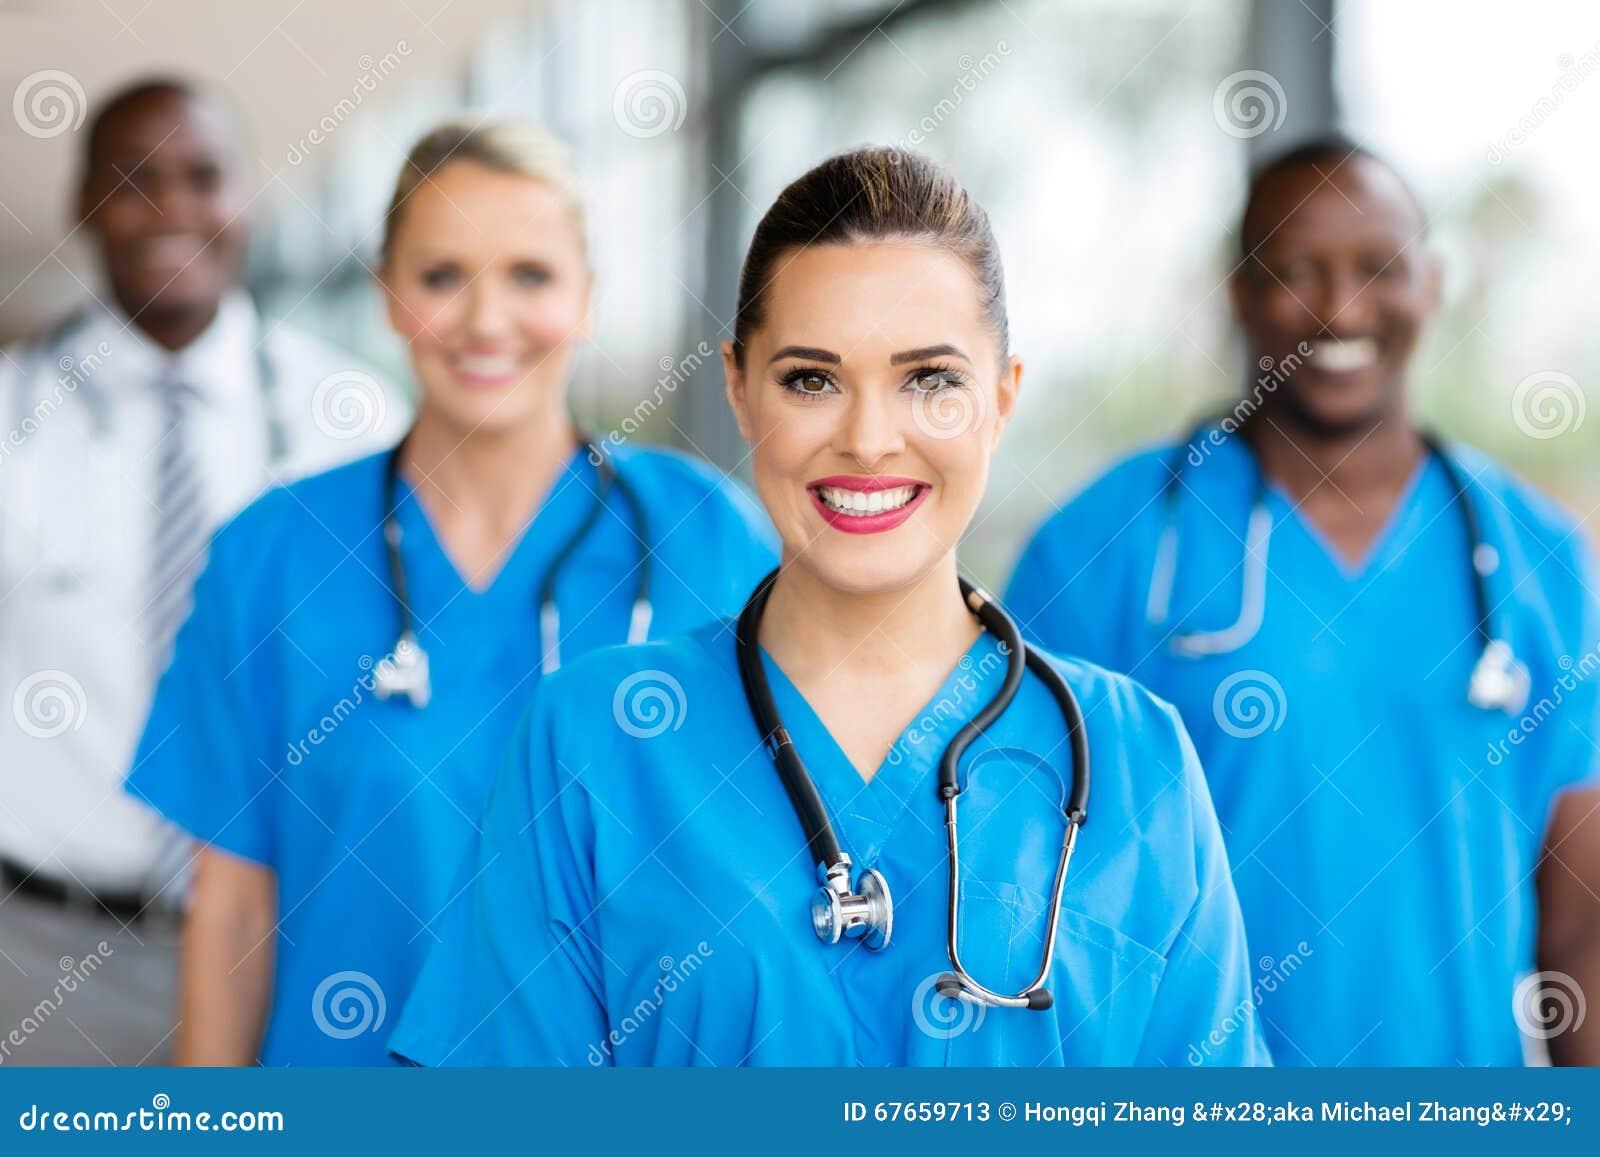 Medische verpleegsterscollega s